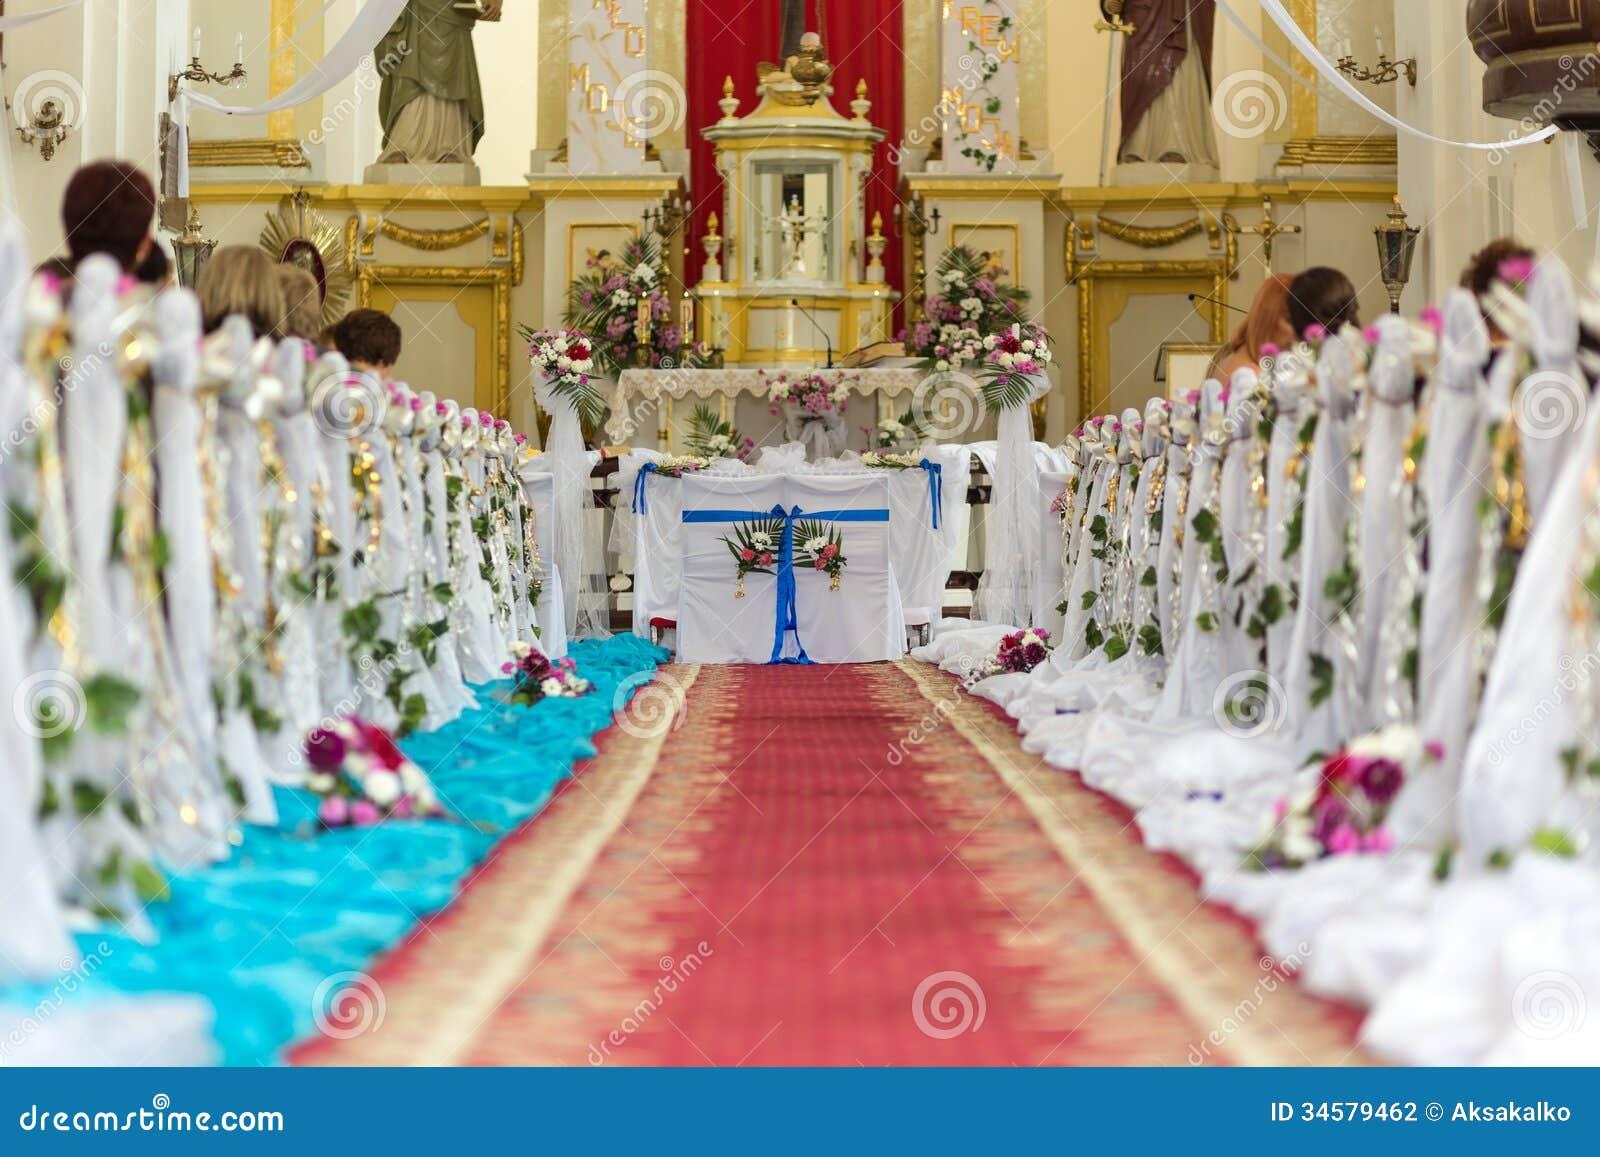 La chiesa è pronta per la cerimonia di nozze